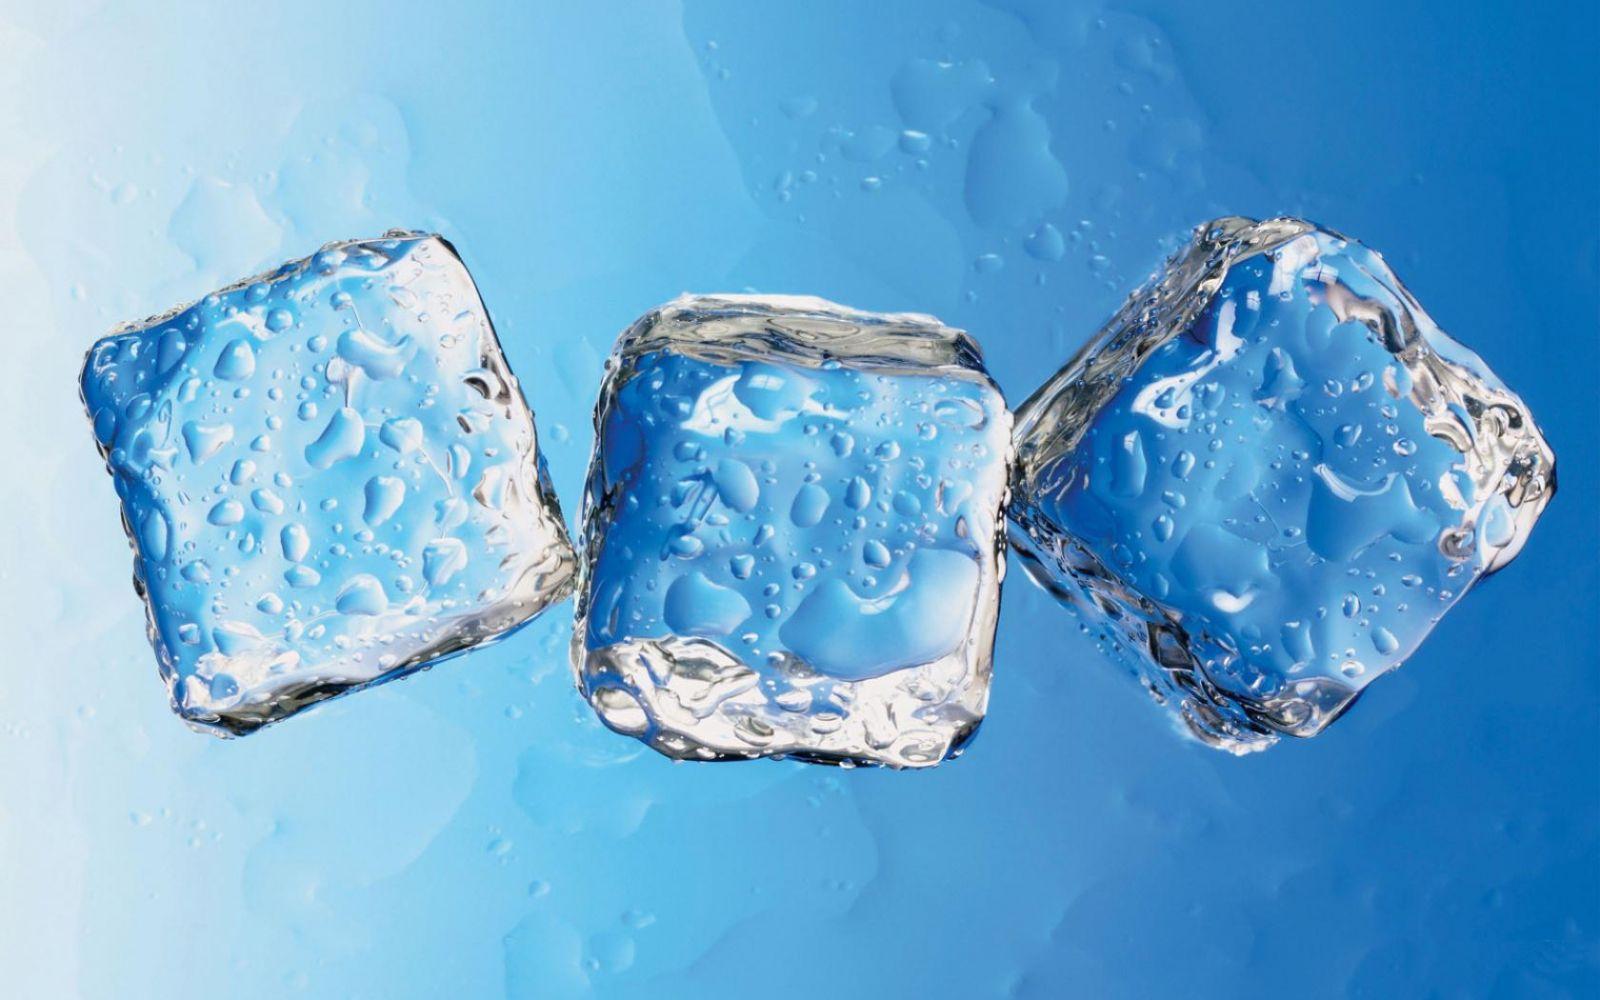 Улучшение качества воды. Как улучшить качество питьевой воды